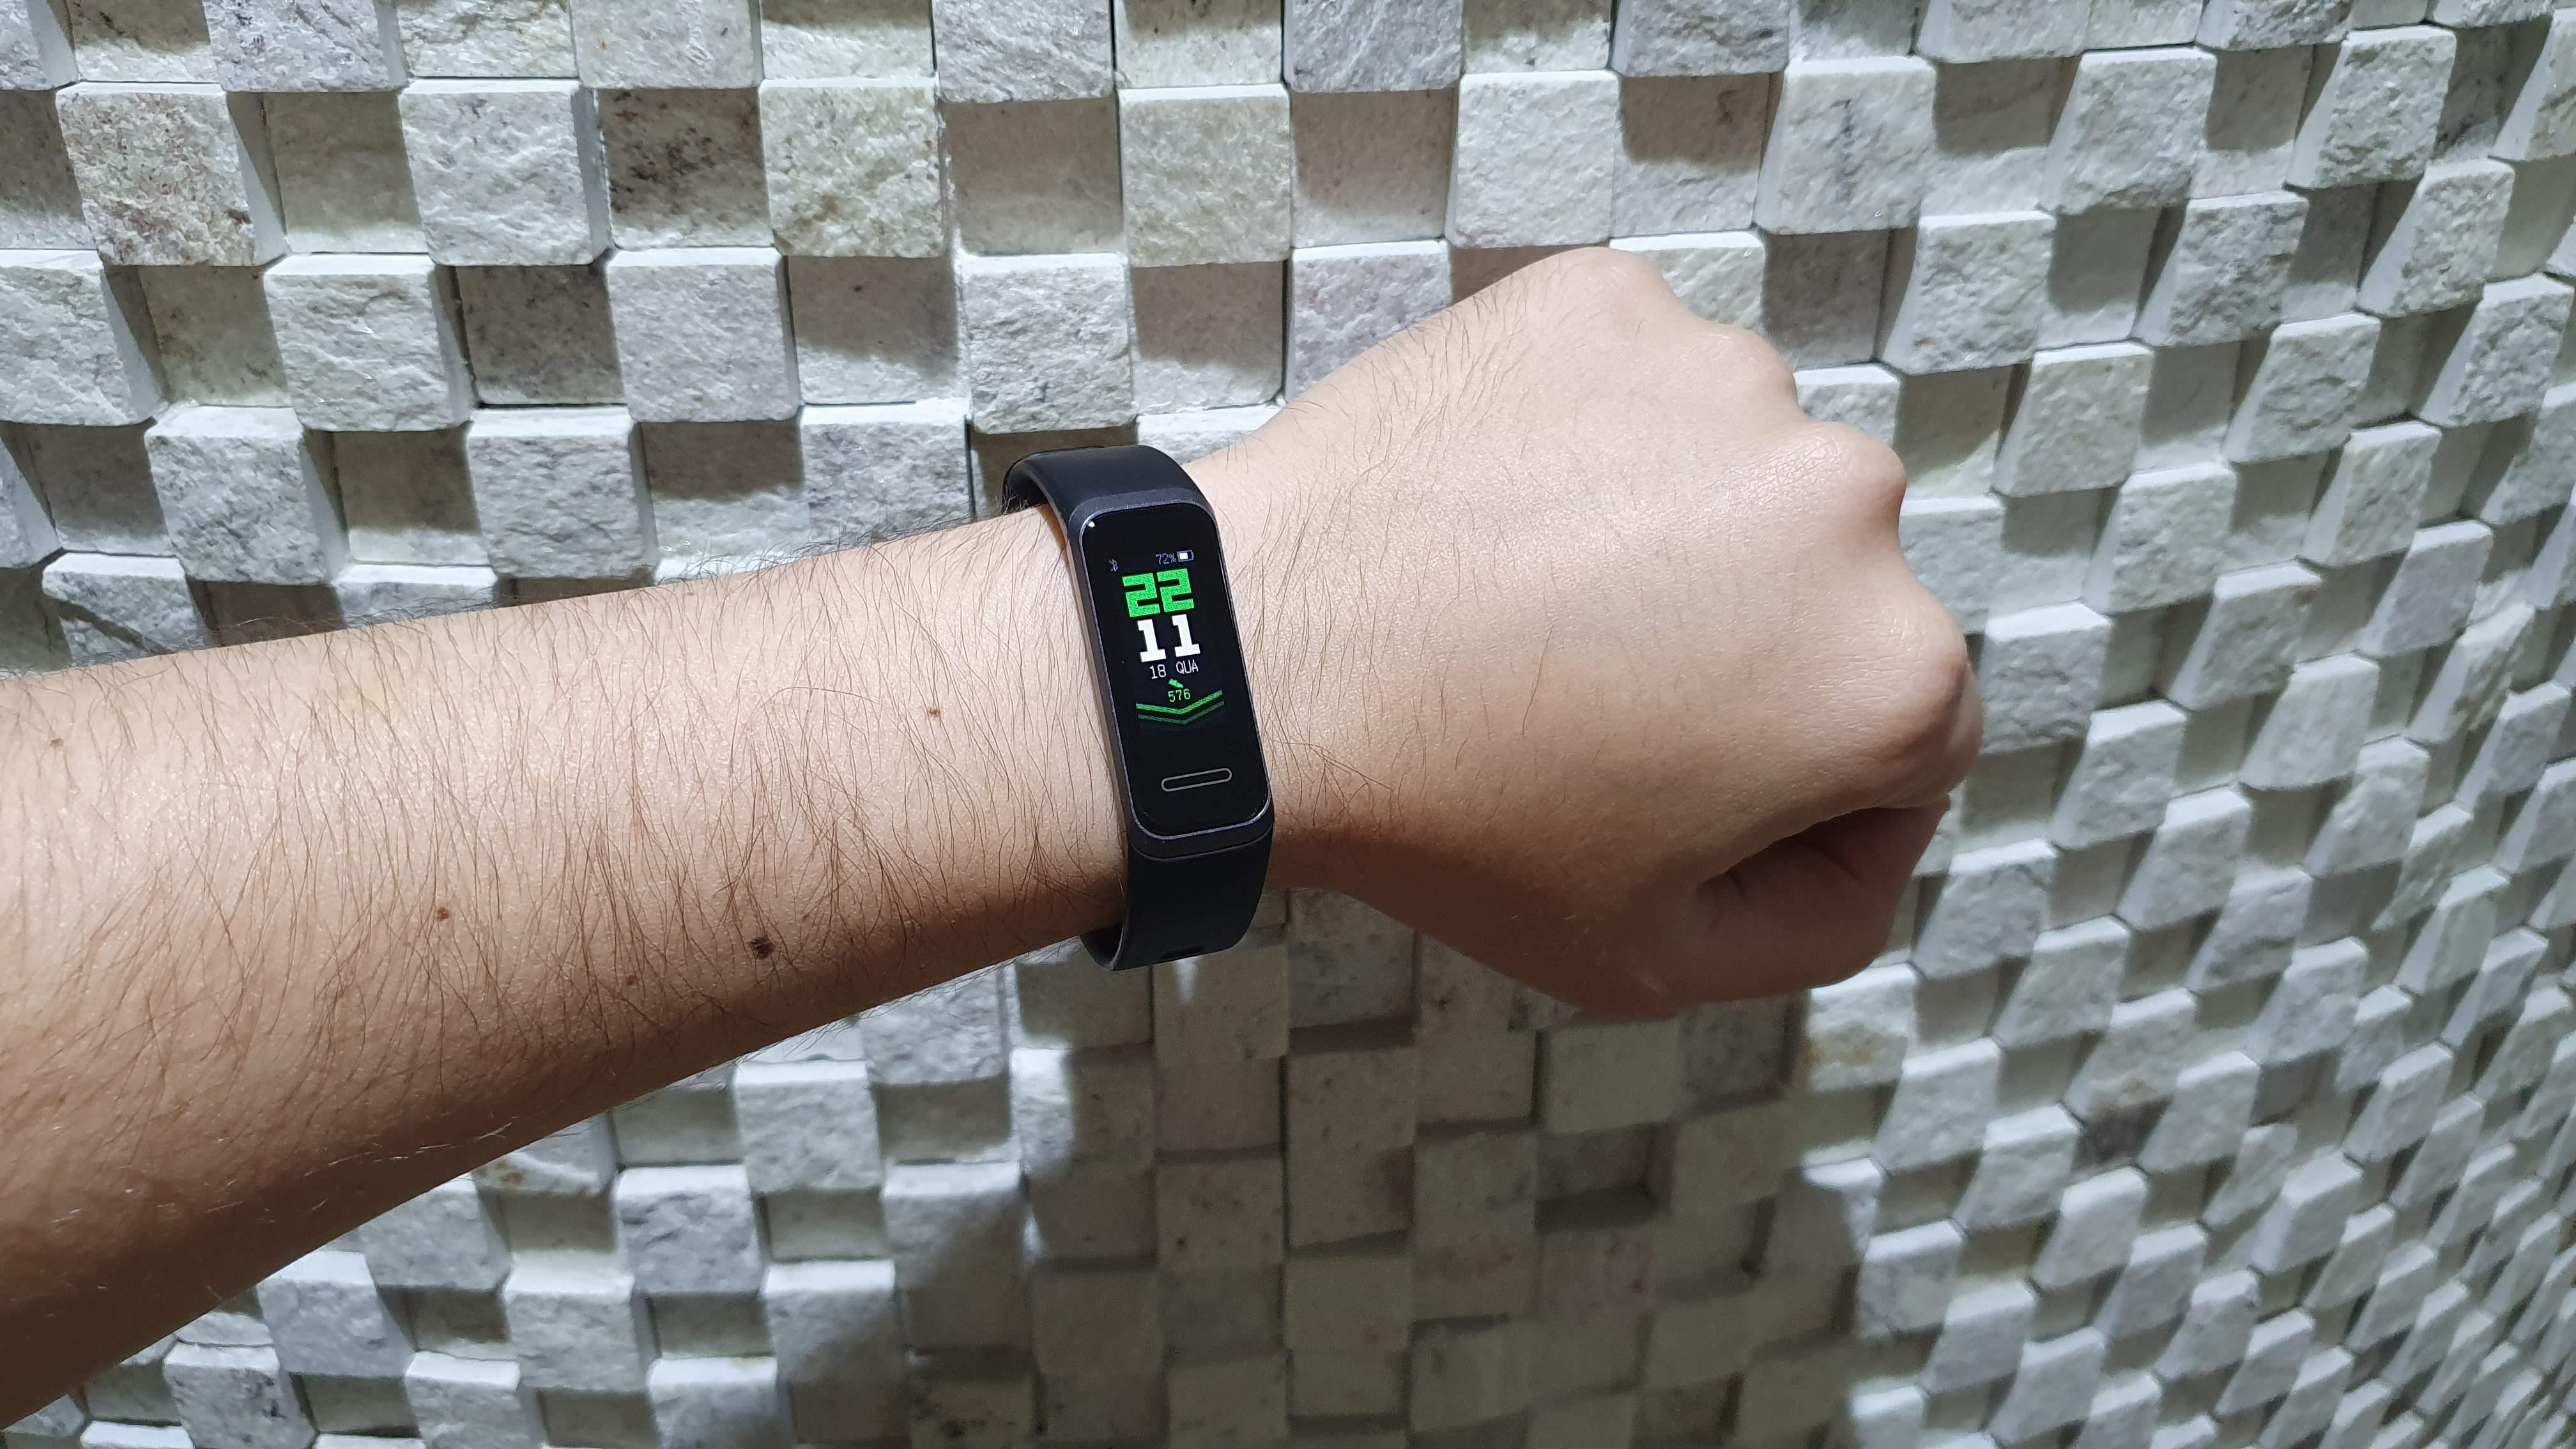 Análise | Huawei Band 4 é uma boa alternativa para os fitness com preço acessível